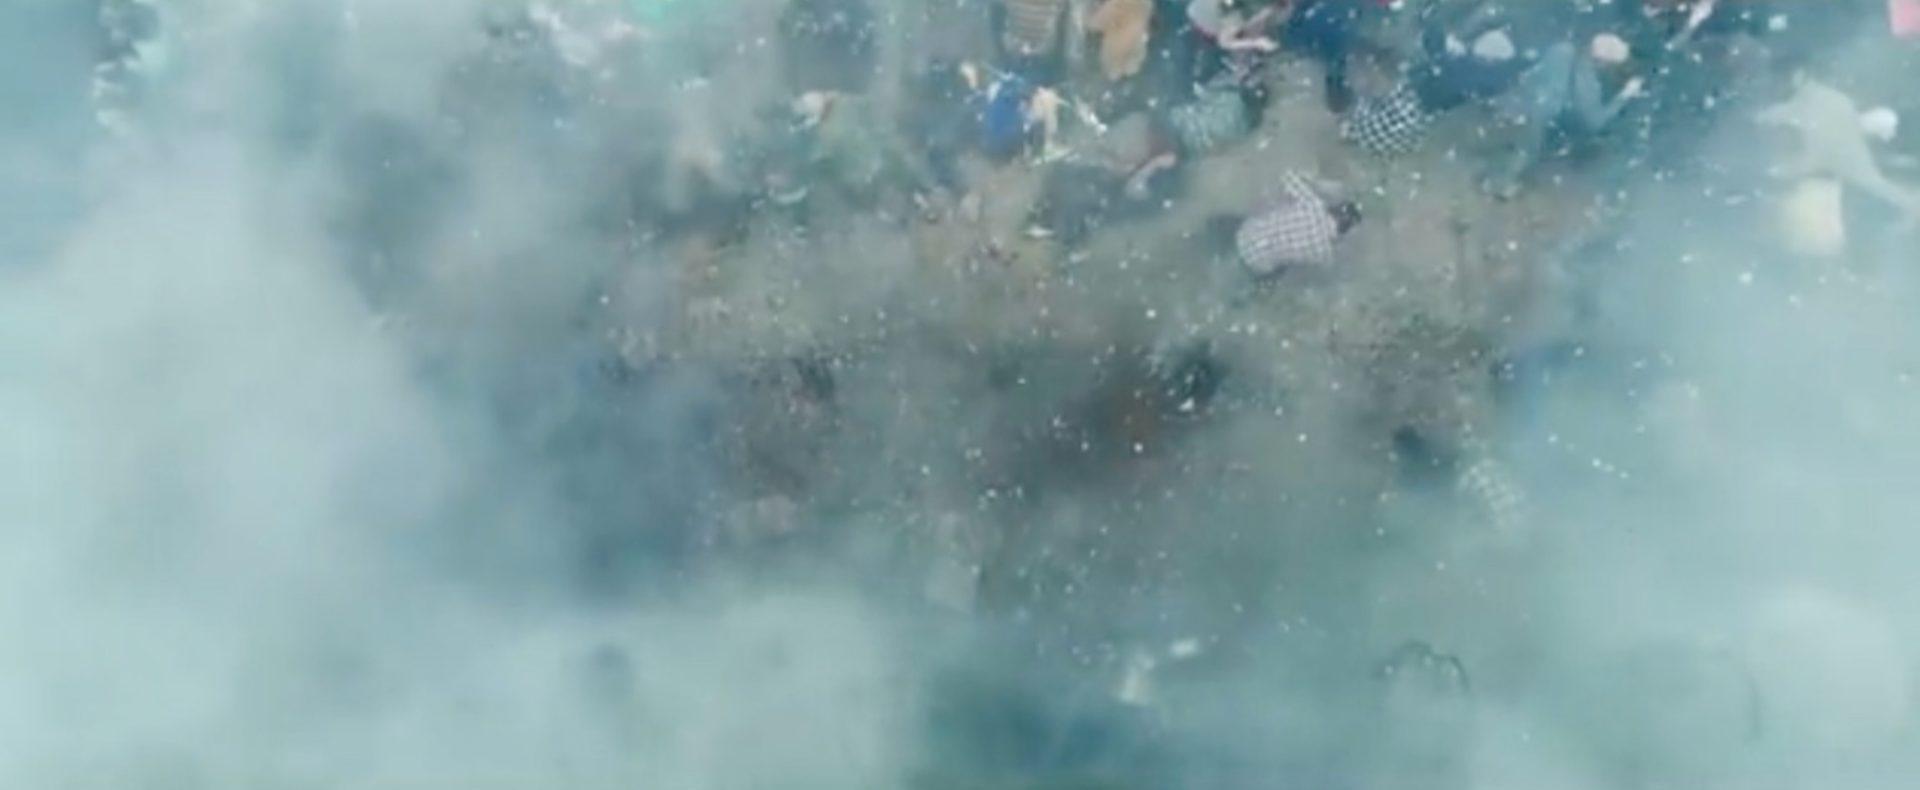 パトリオット・デイを無料動画でネタバレ紹介する記事